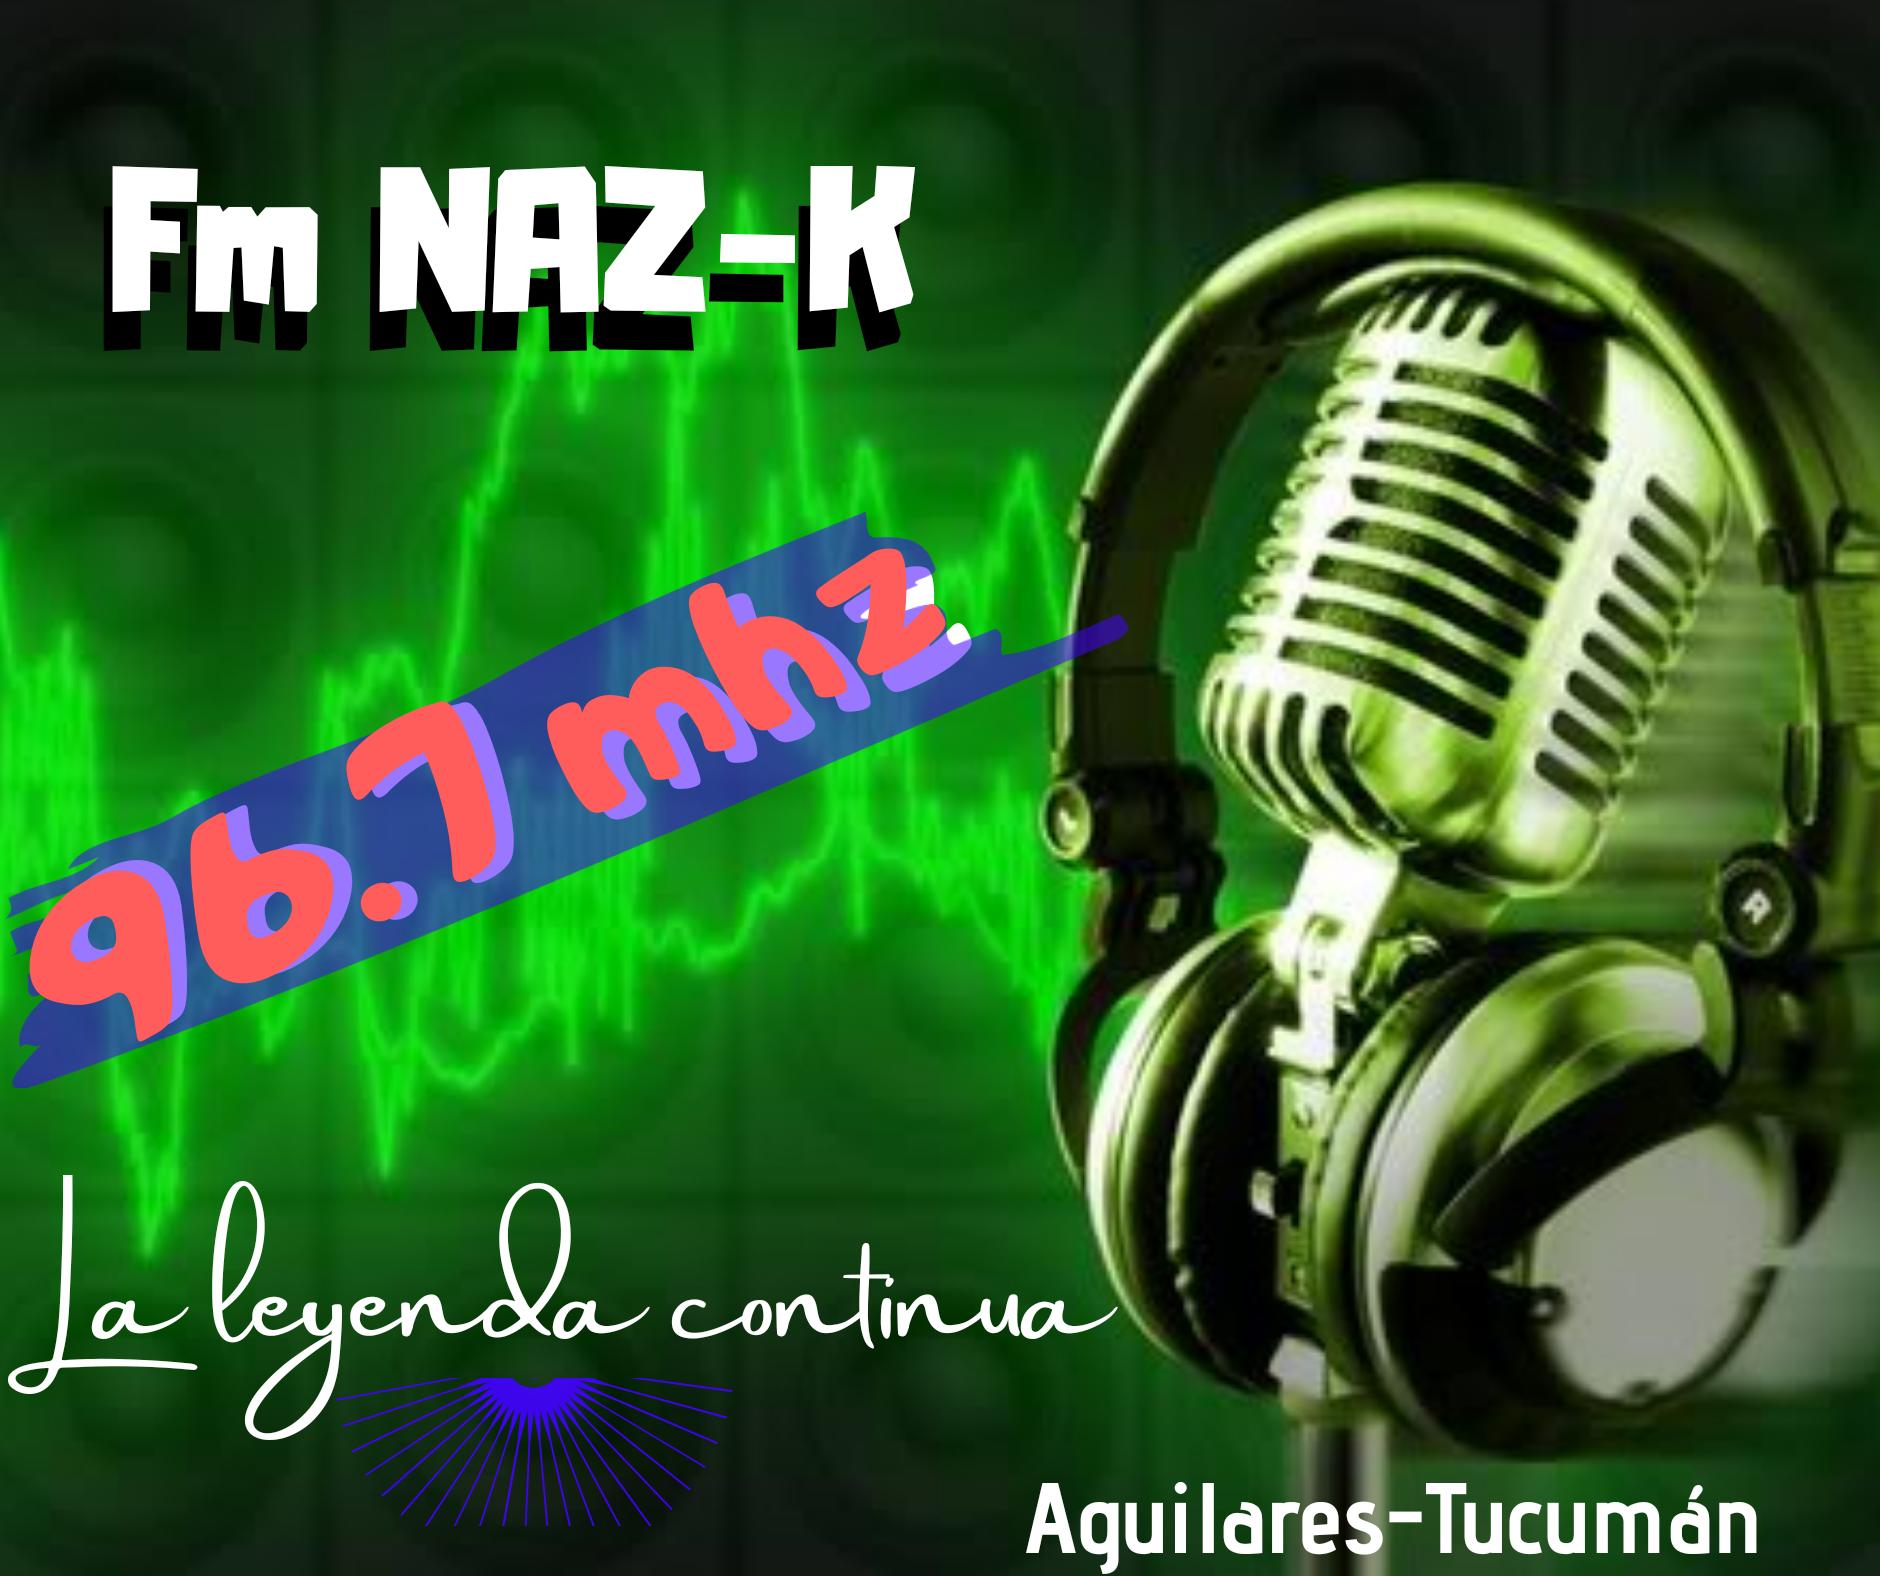 Radio Naz-k